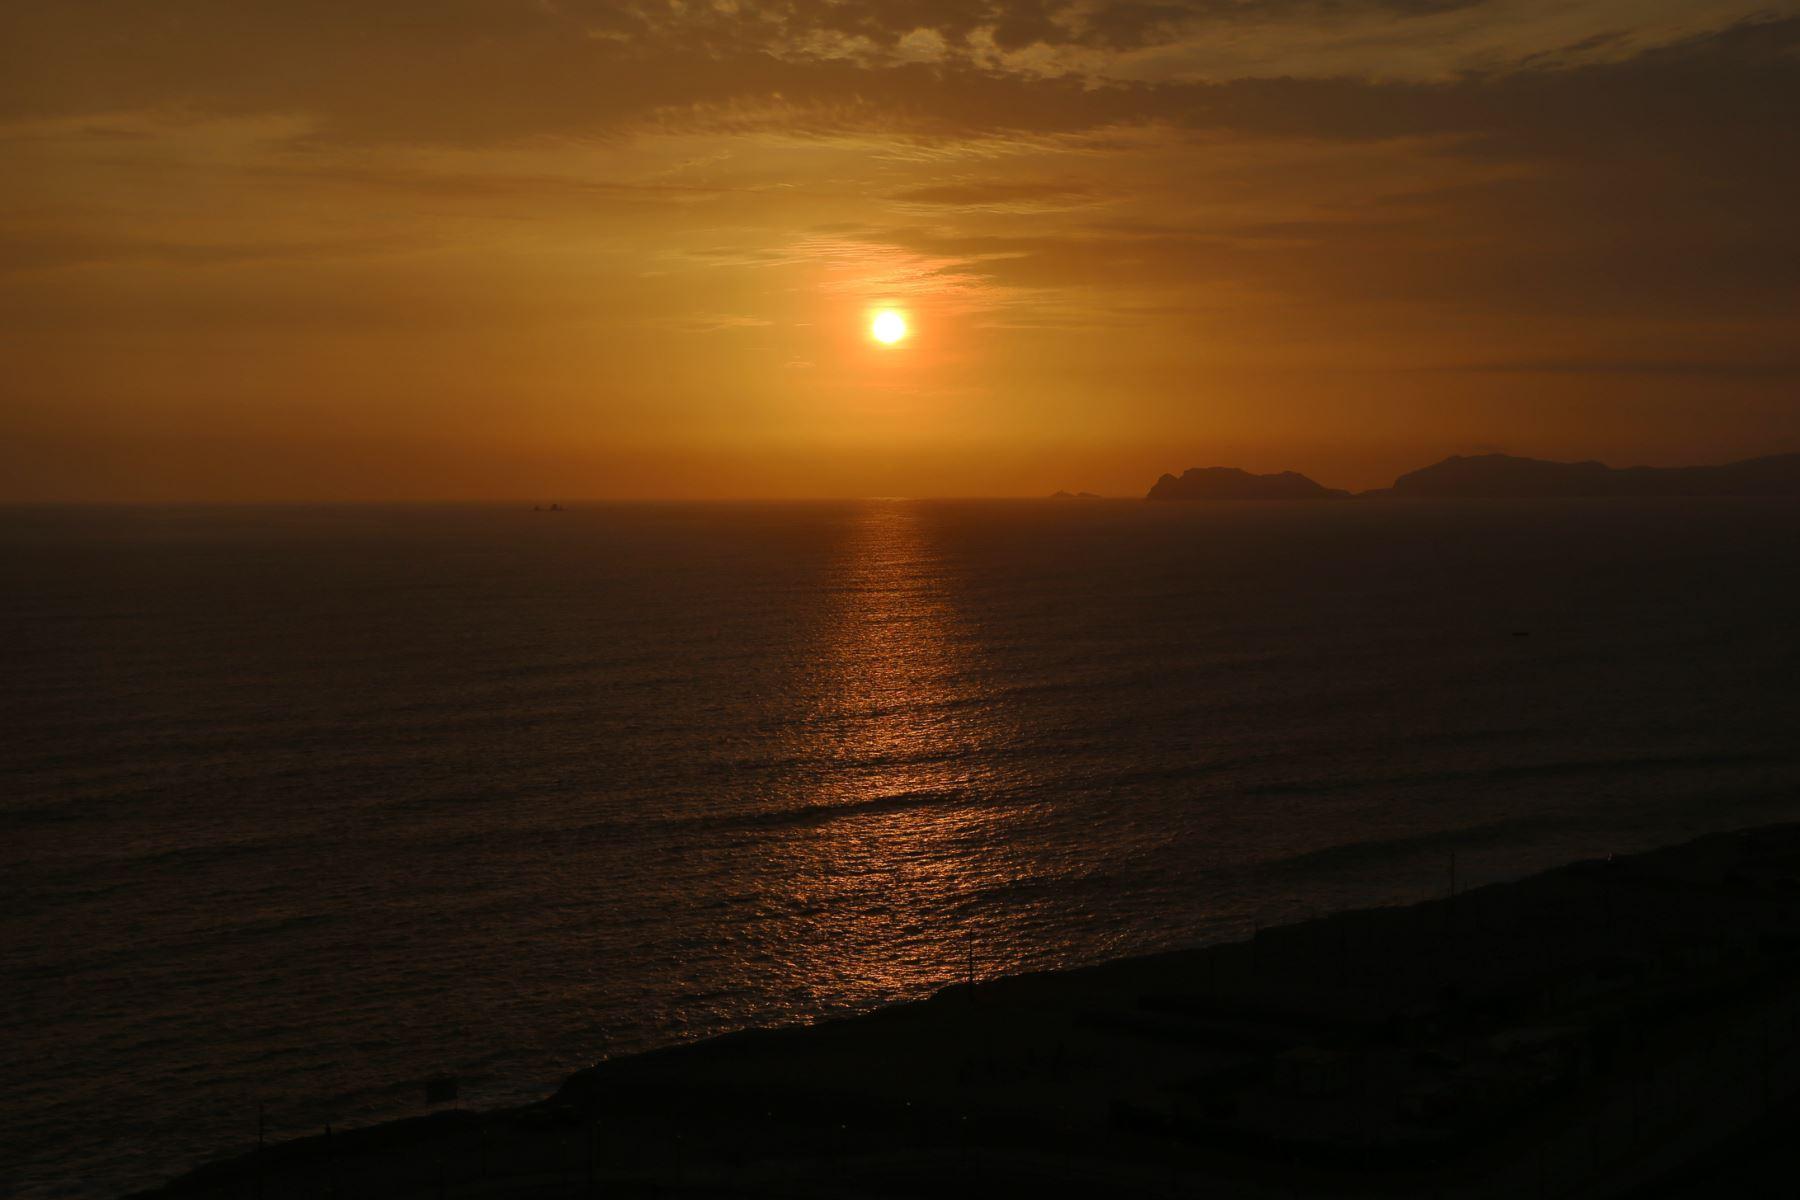 Según informó la NASA en un comunicado, el Sol carece de una superficie sólida, por lo que su capa más externa se agita y retuerce constantemente.